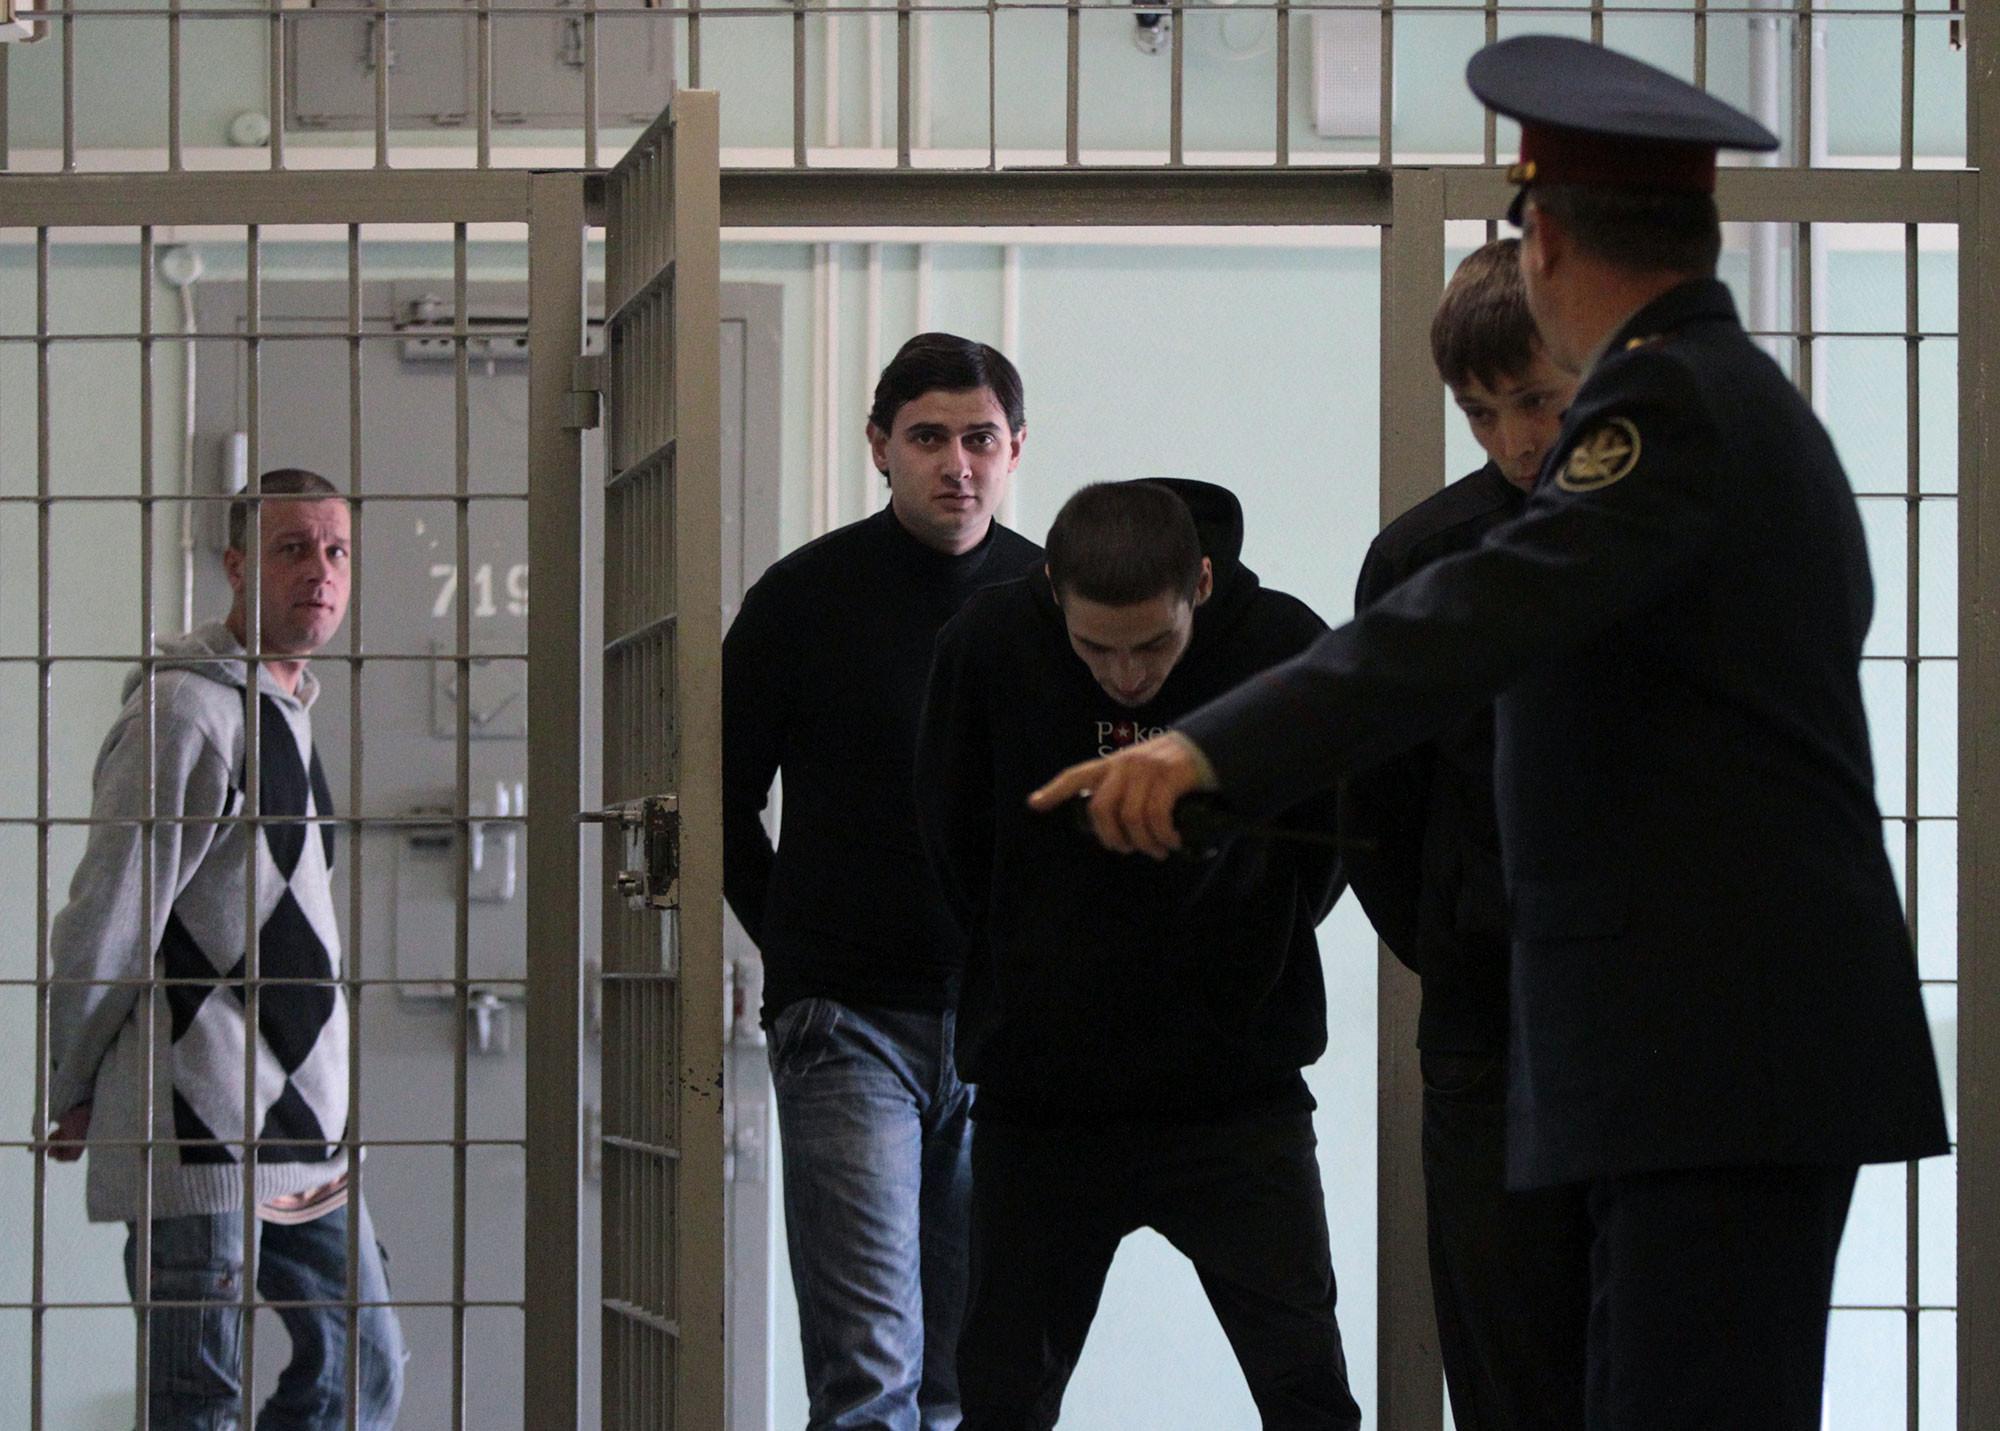 В следственном изоляторе № 4 ФБУ ИЗ- 77/4 УФСИН России по Москве. Фото: © РИА Новости / Валерий Мельников